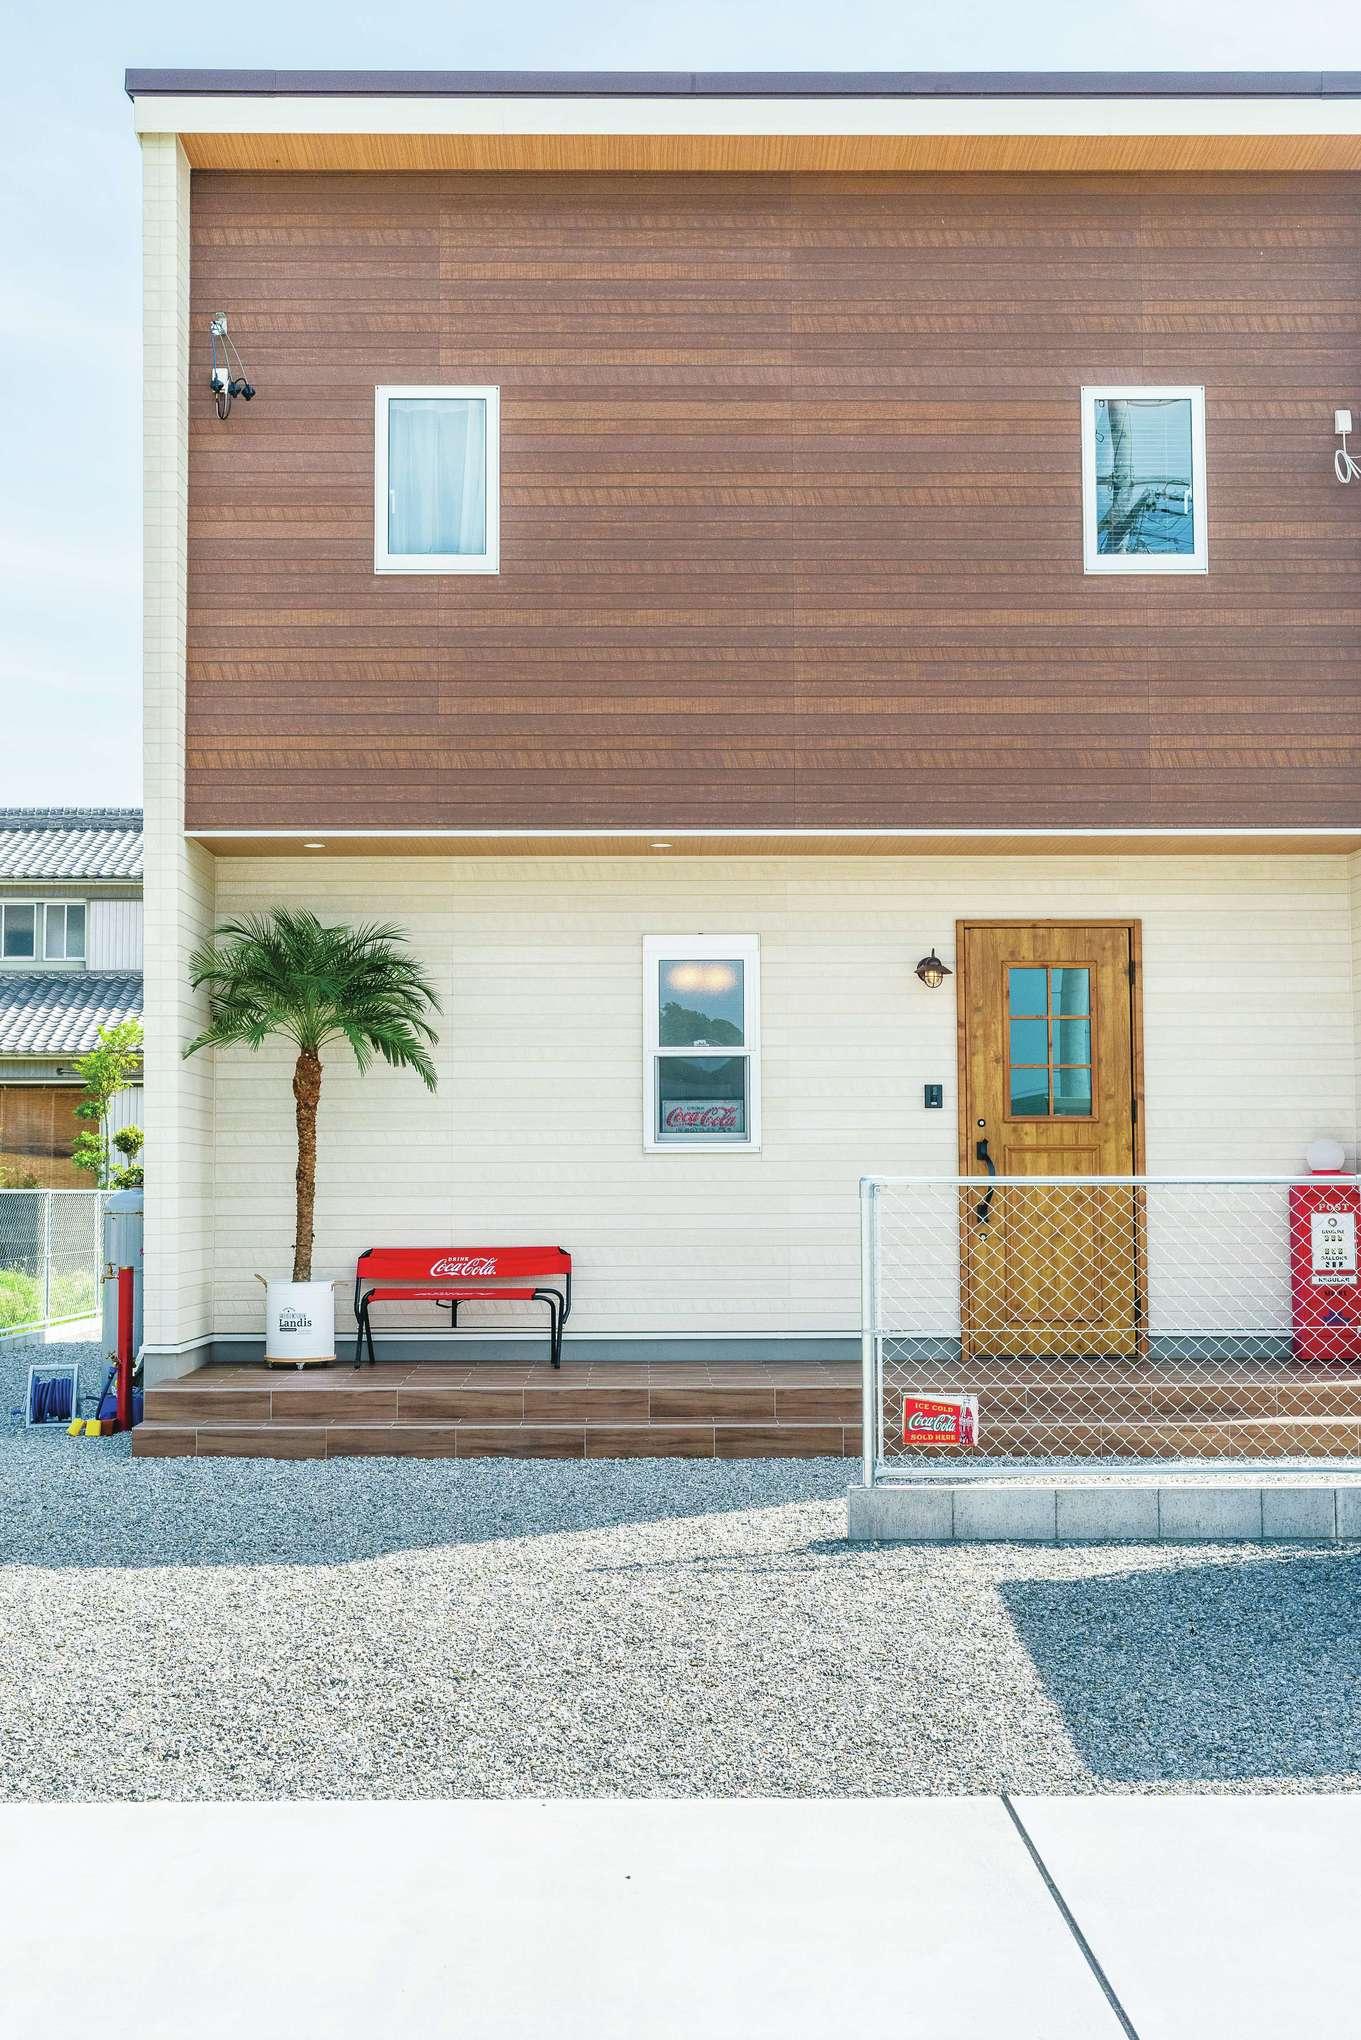 suzukuri 浜松店【デザイン住宅、インテリア、趣味】リゾートのロケーションにピッタリ合う「Viento(ヴィエント)」。アメリカンフェンスと段差のあるウッドテラスはご主人にとってのマストアイテム。おしゃれで絵になる外観に仕上がり、毎日家に帰ってくるのが楽しみに